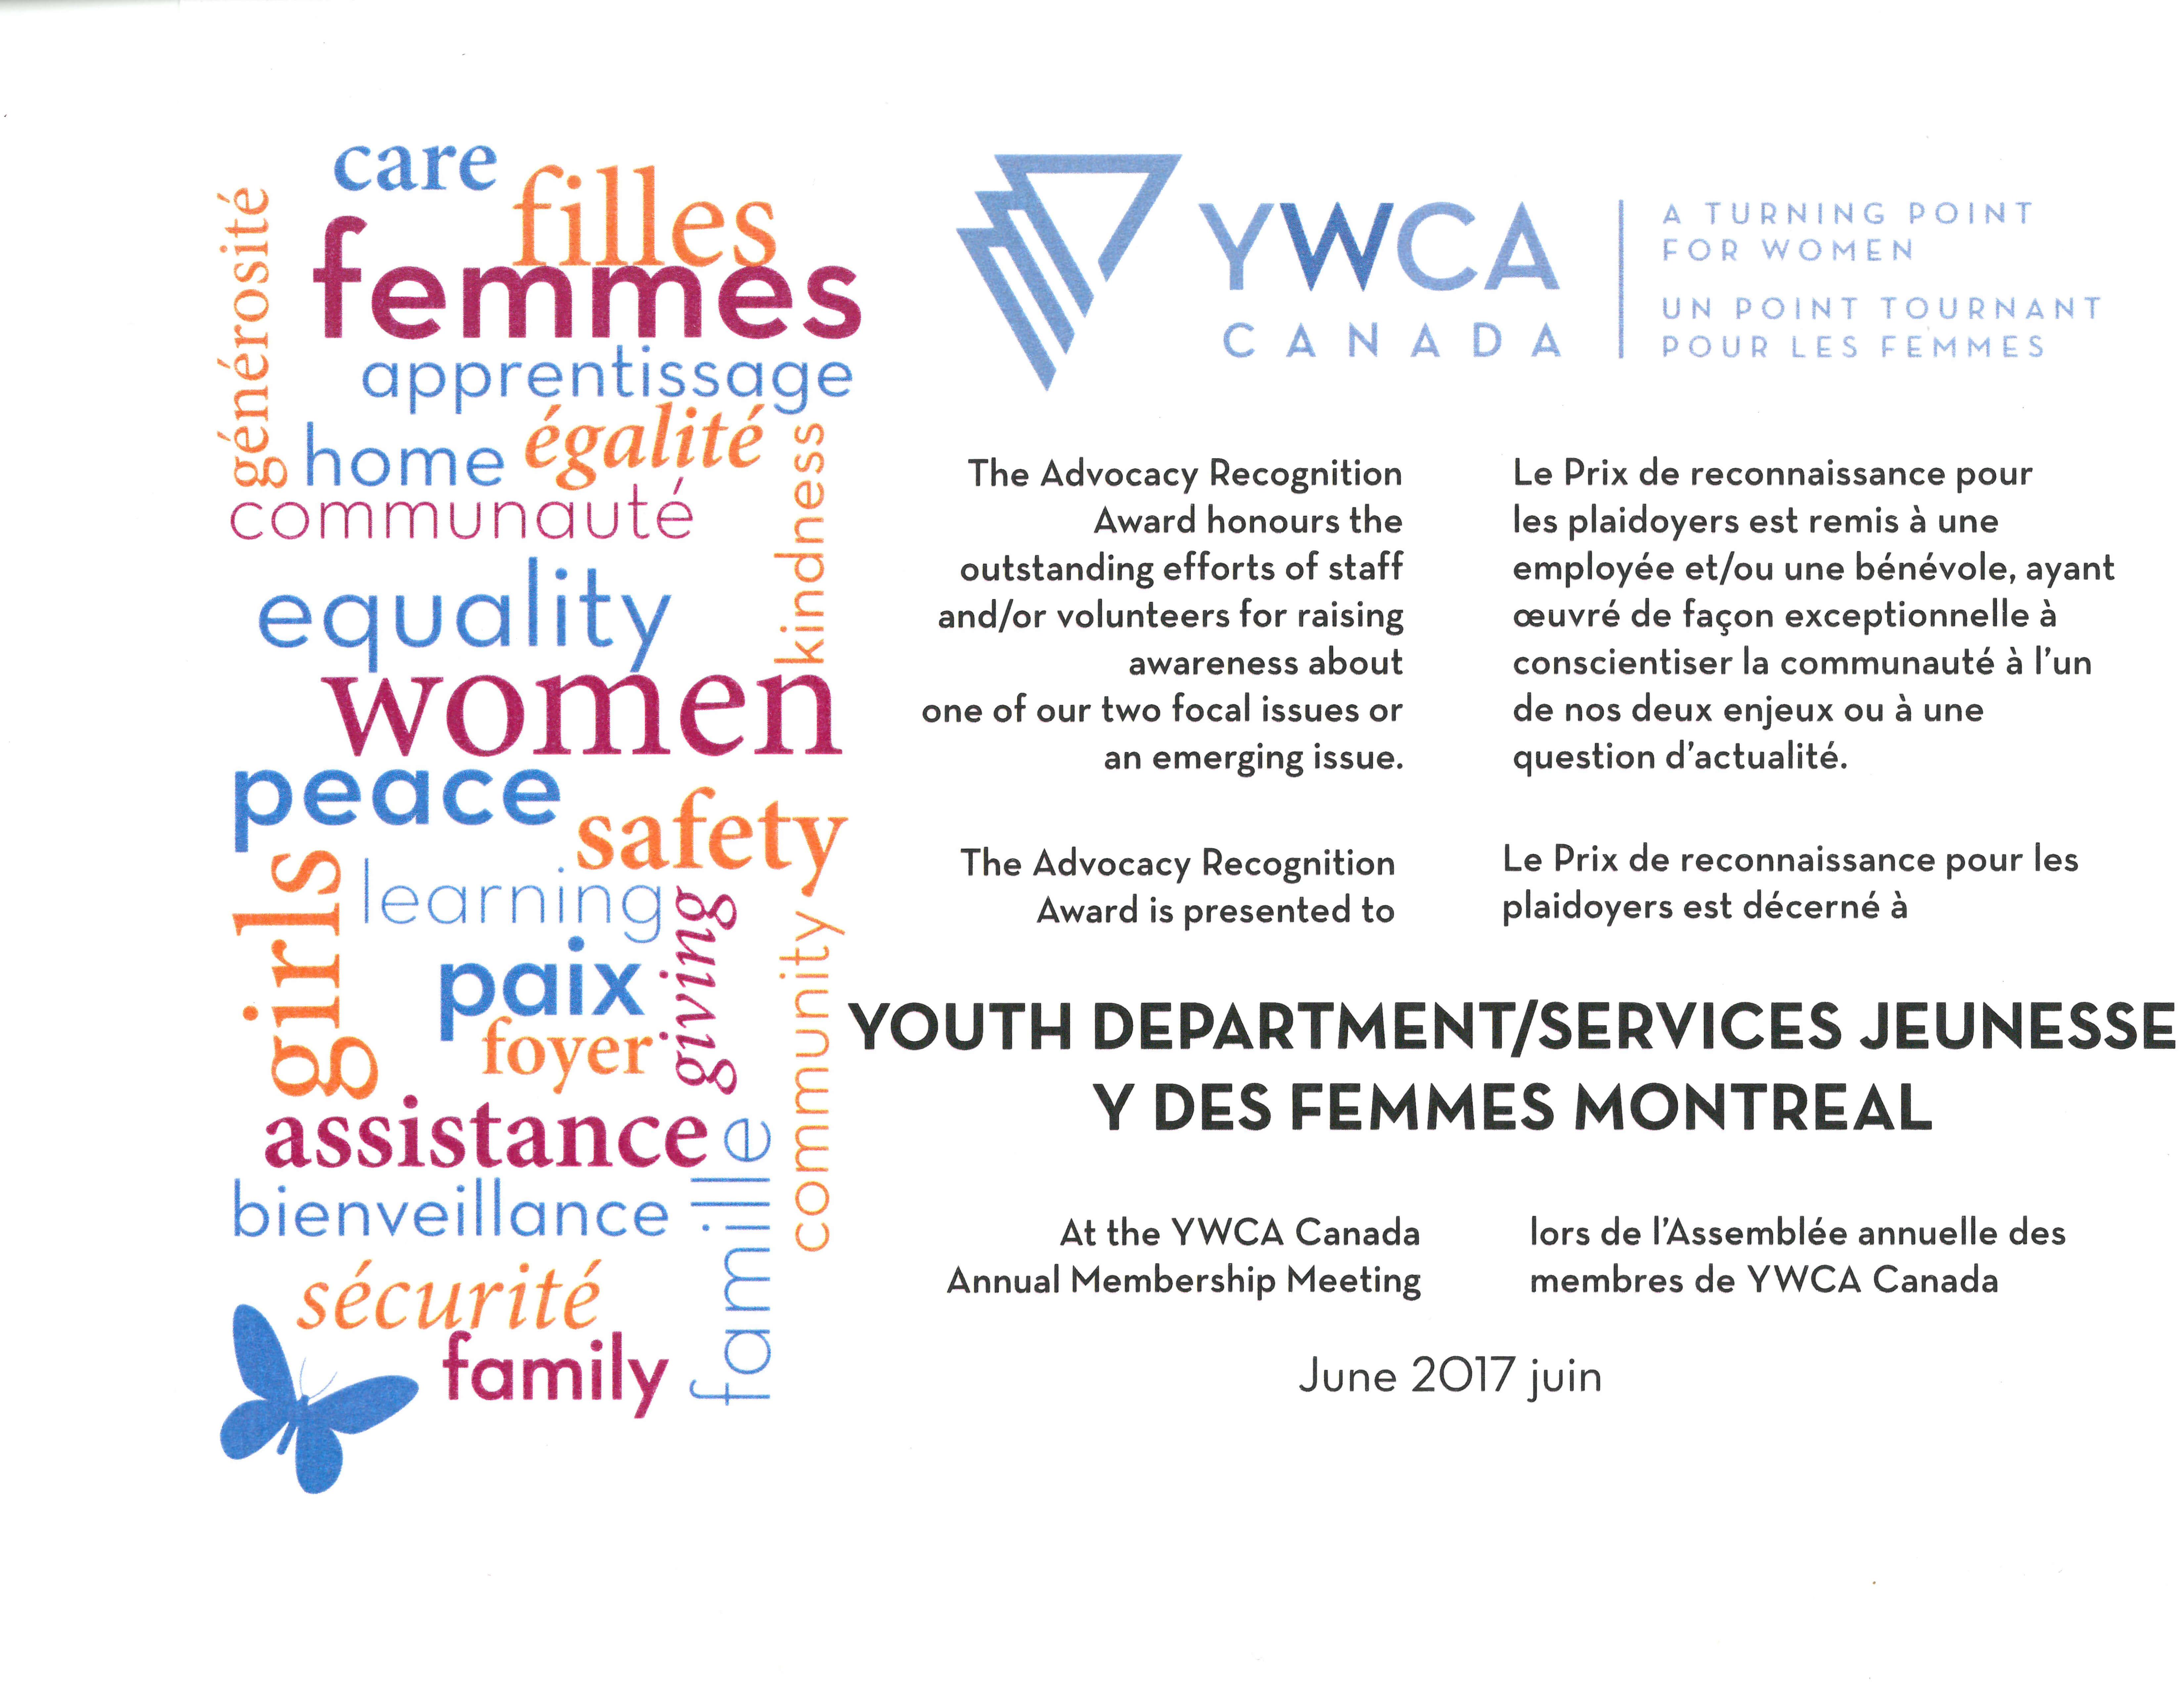 Deux prix d'innovation et d'advocacy pour les services jeunesse